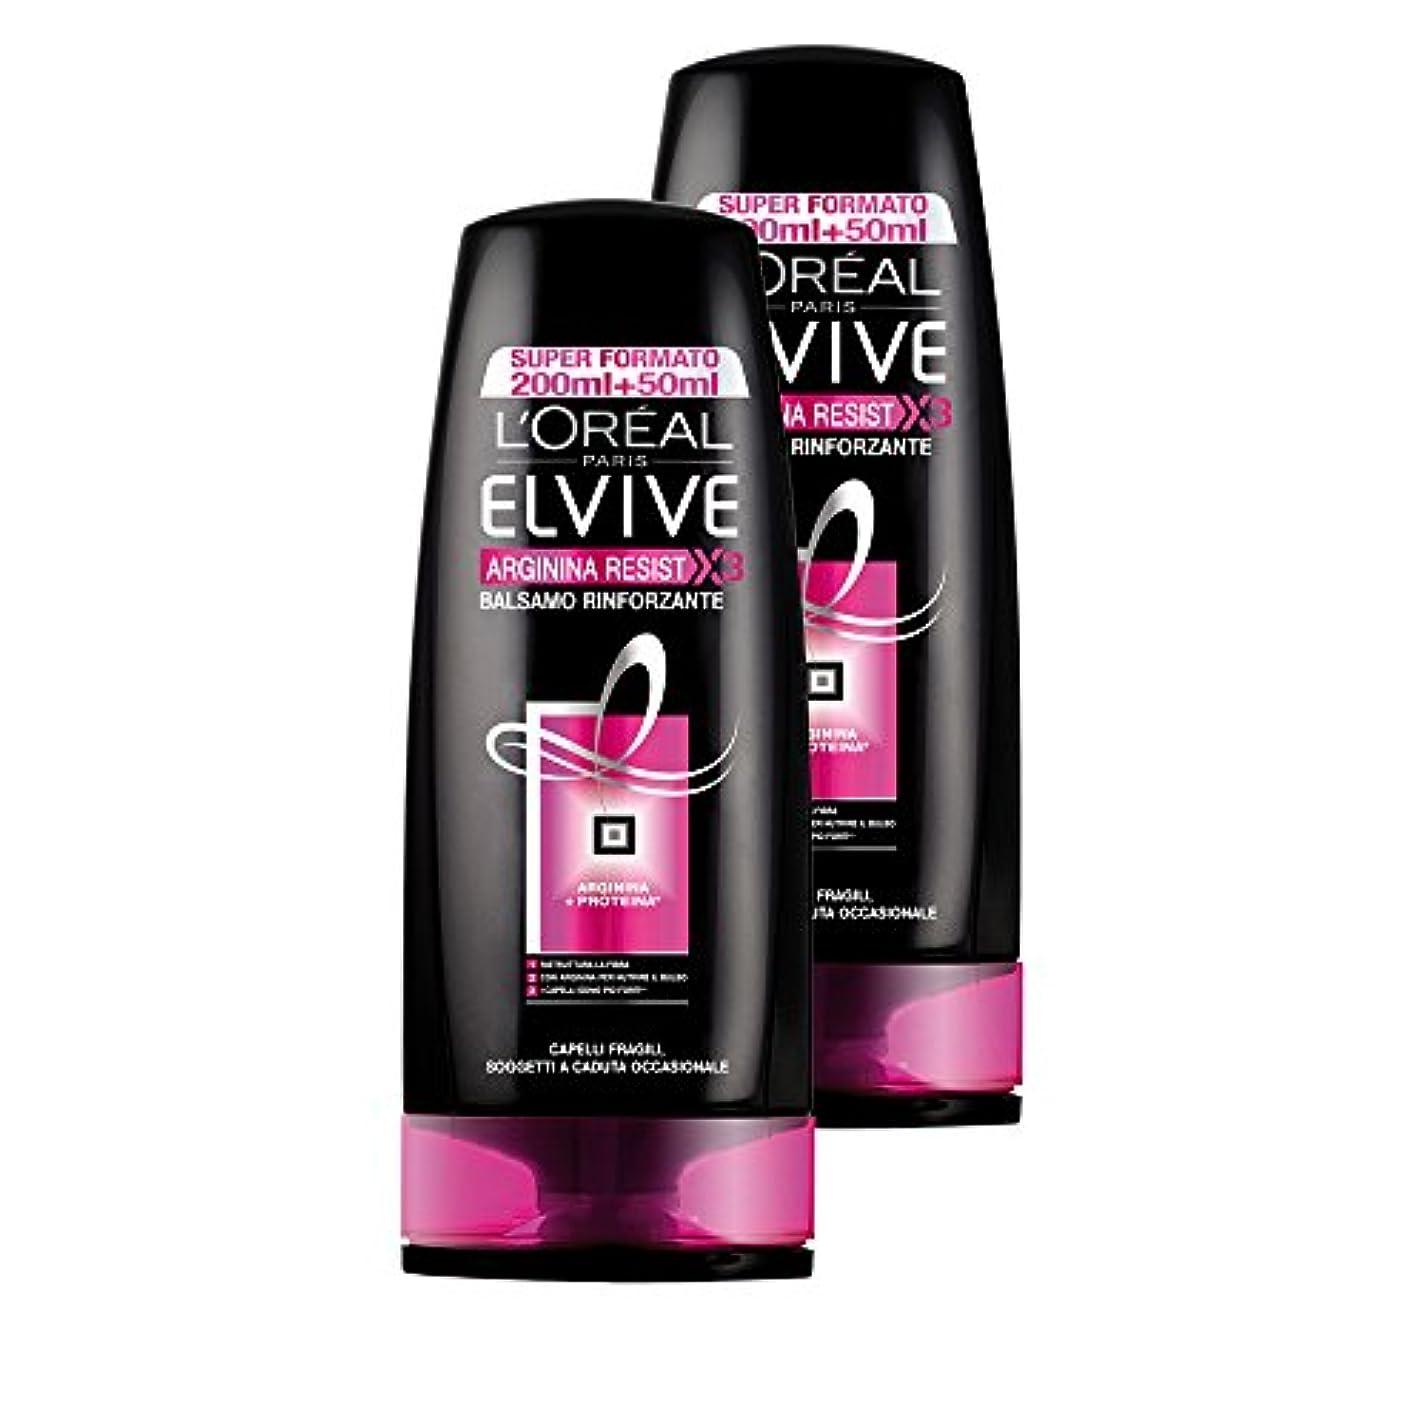 真鍮繊維所持L 'OréalParis ElviveアルギニンレジストX3バームリンフォルザンテ、壊れやすい髪用、3パック2 x 250 ml、合計:1500 ml